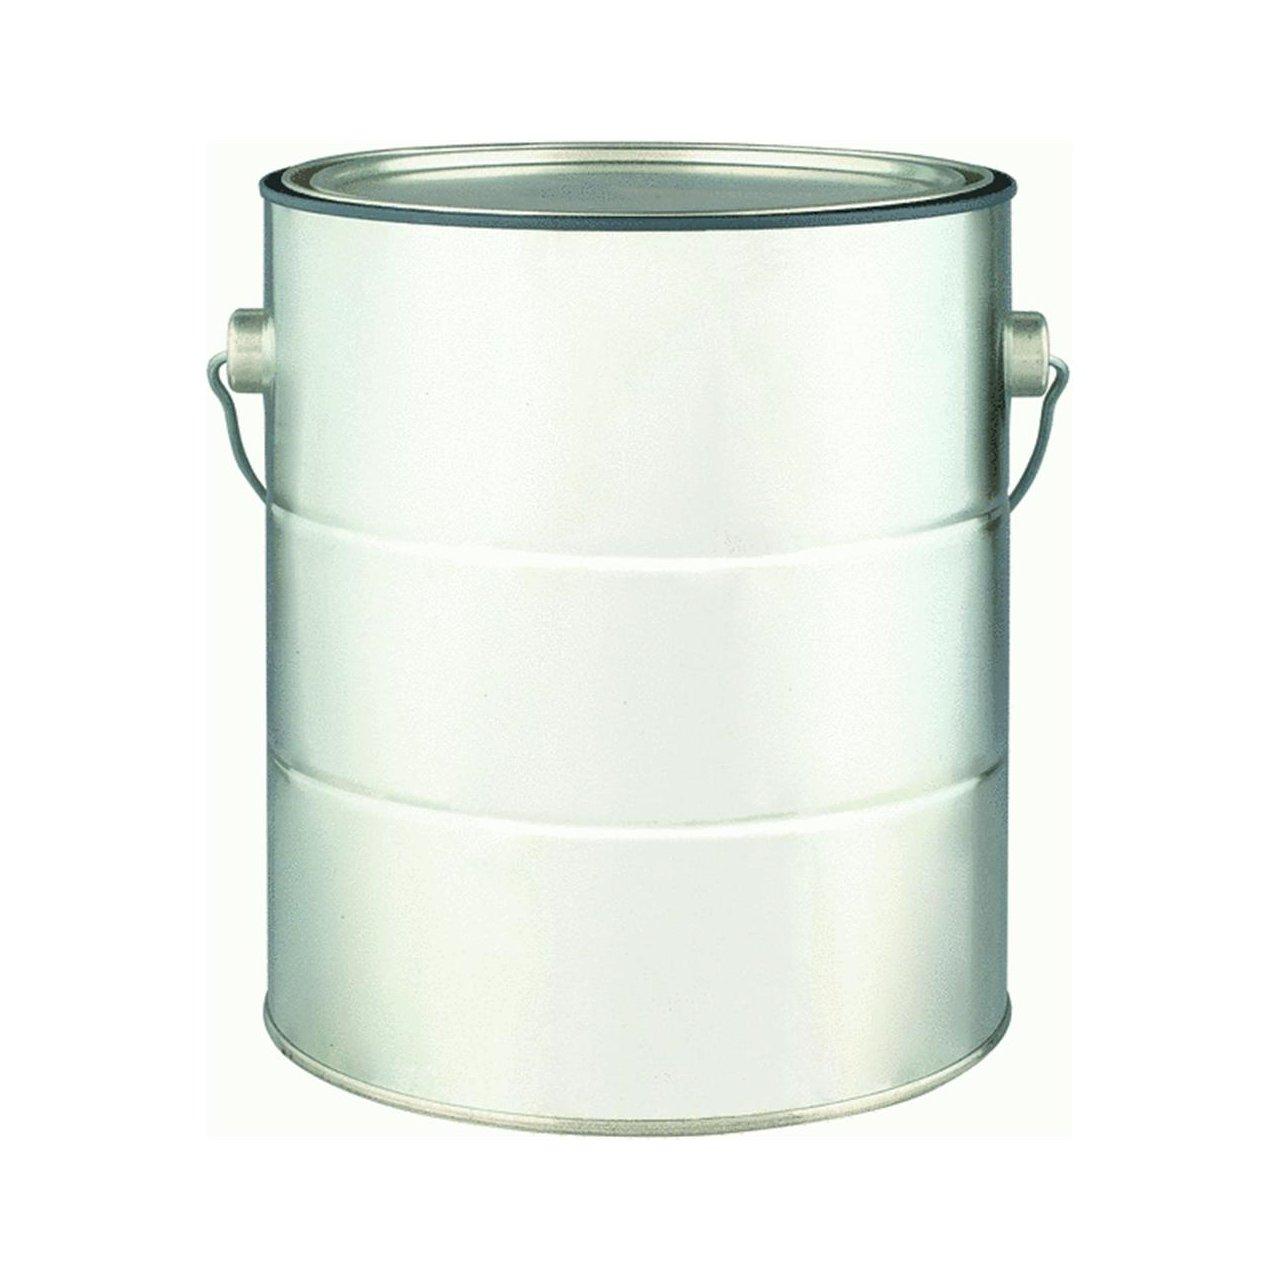 Valspar 007.0060689.000 Empty 1 Gallon Paint Can